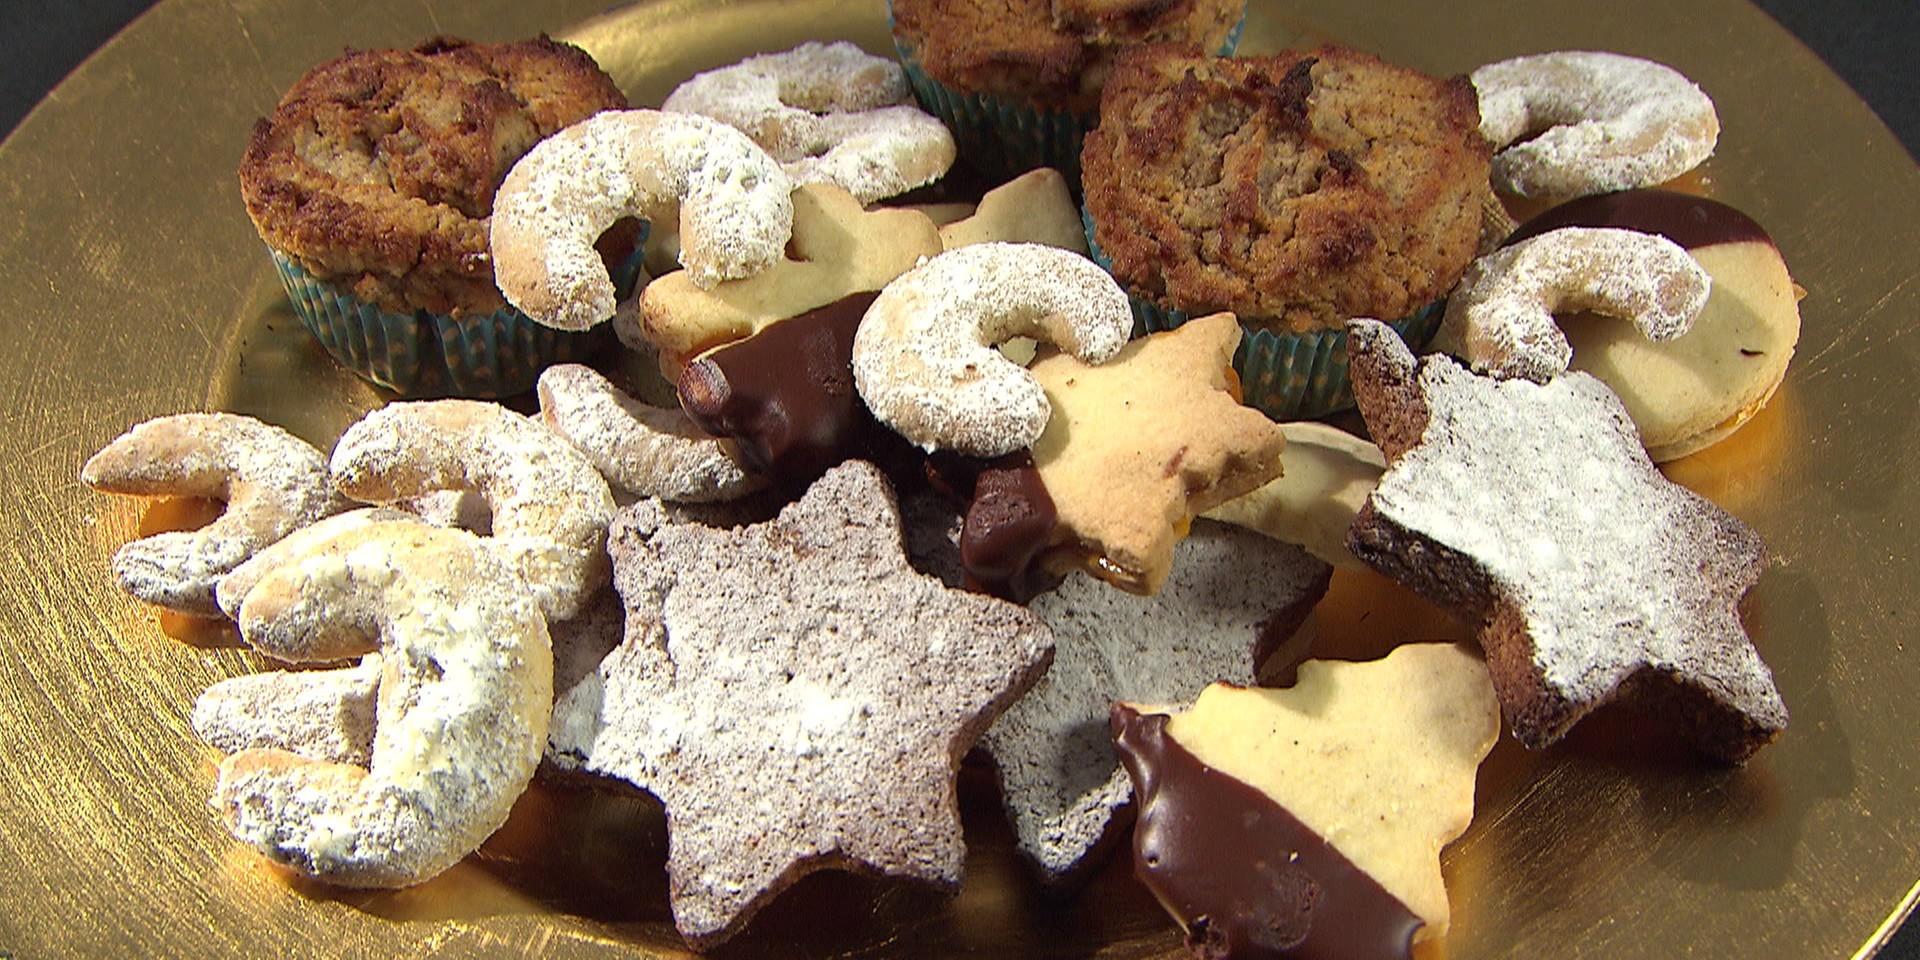 Weihnachtskekse Diabetiker.Tolerante Kekse Weihnachtsgebäck Trotz Unverträglichkeit